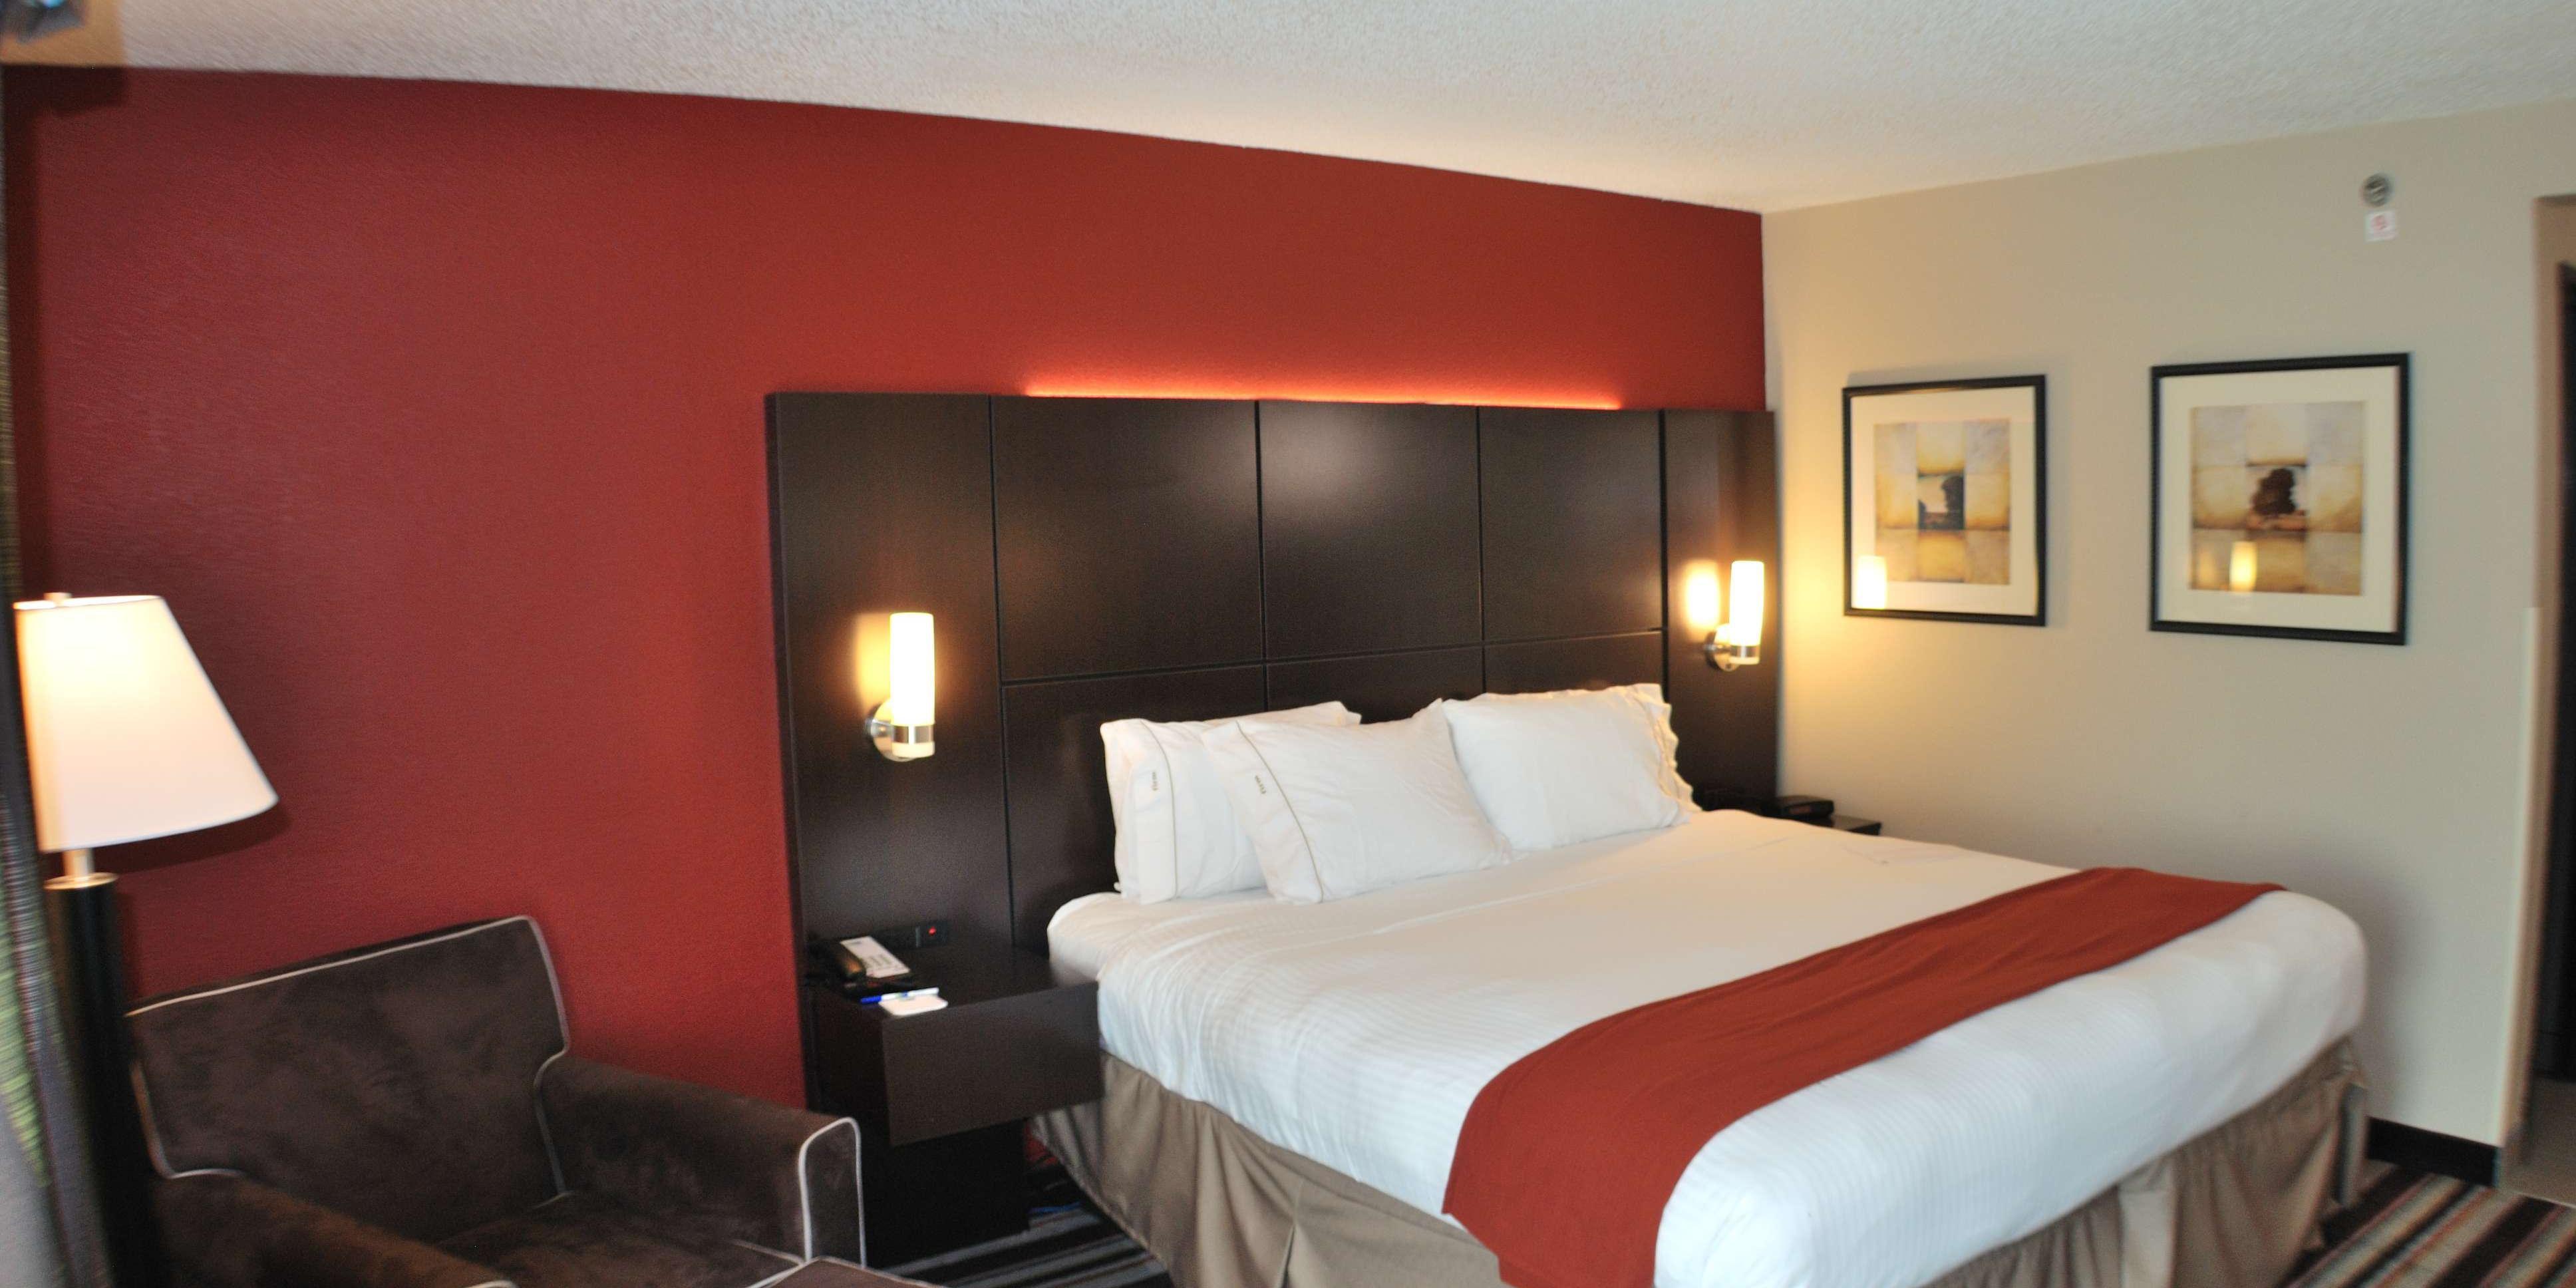 Holiday Inn Express Nashville W I40 Whitebridge Rd Hotel by IHG